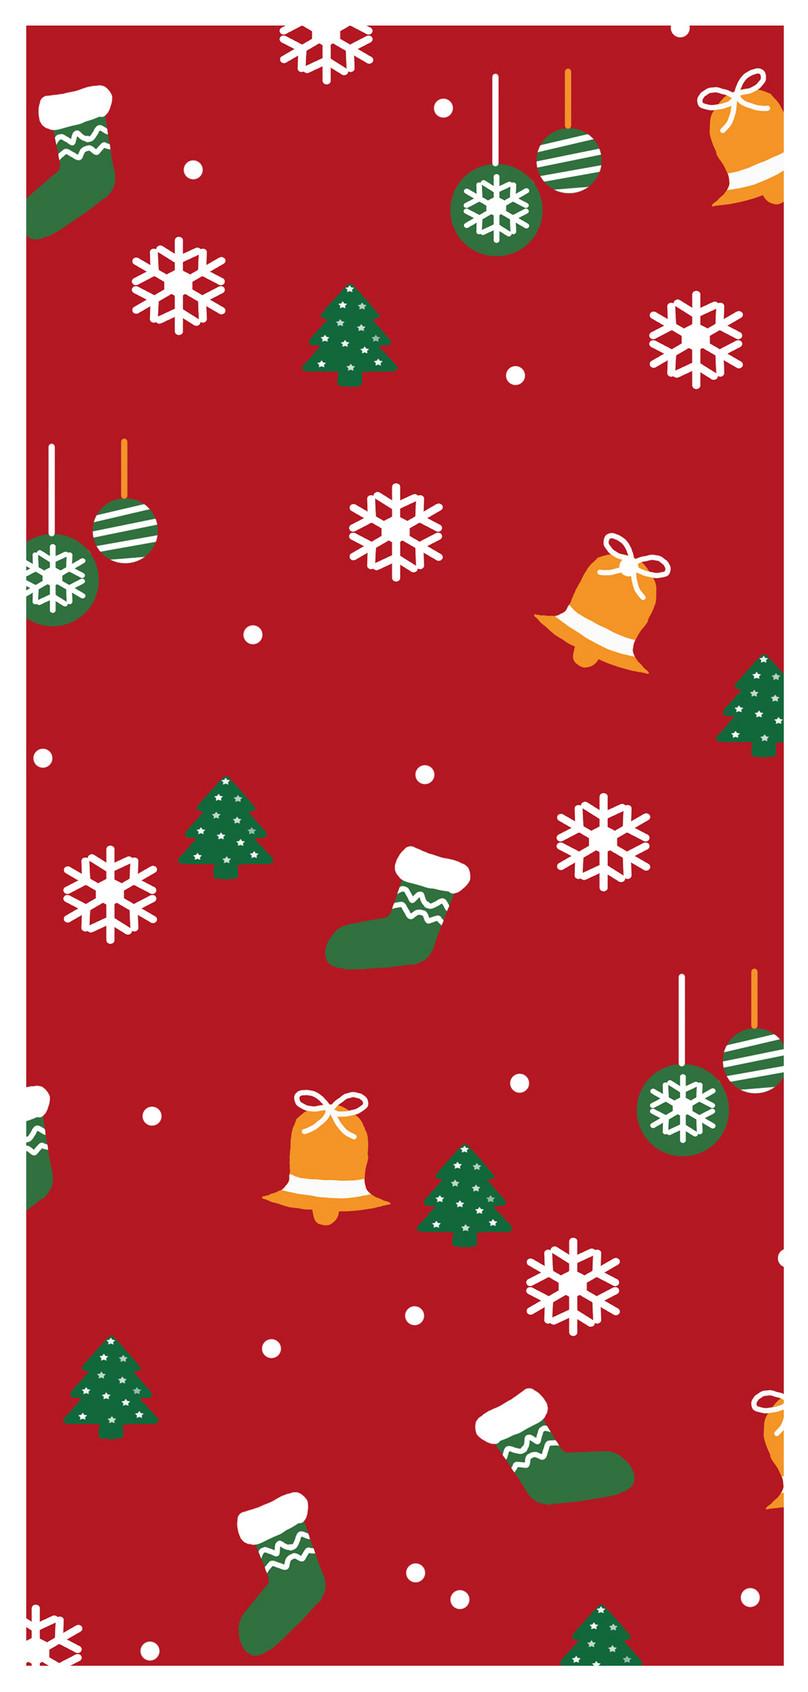 クリスマスの背景の携帯電話の壁紙イメージ 背景 Id 400719372 Prf画像